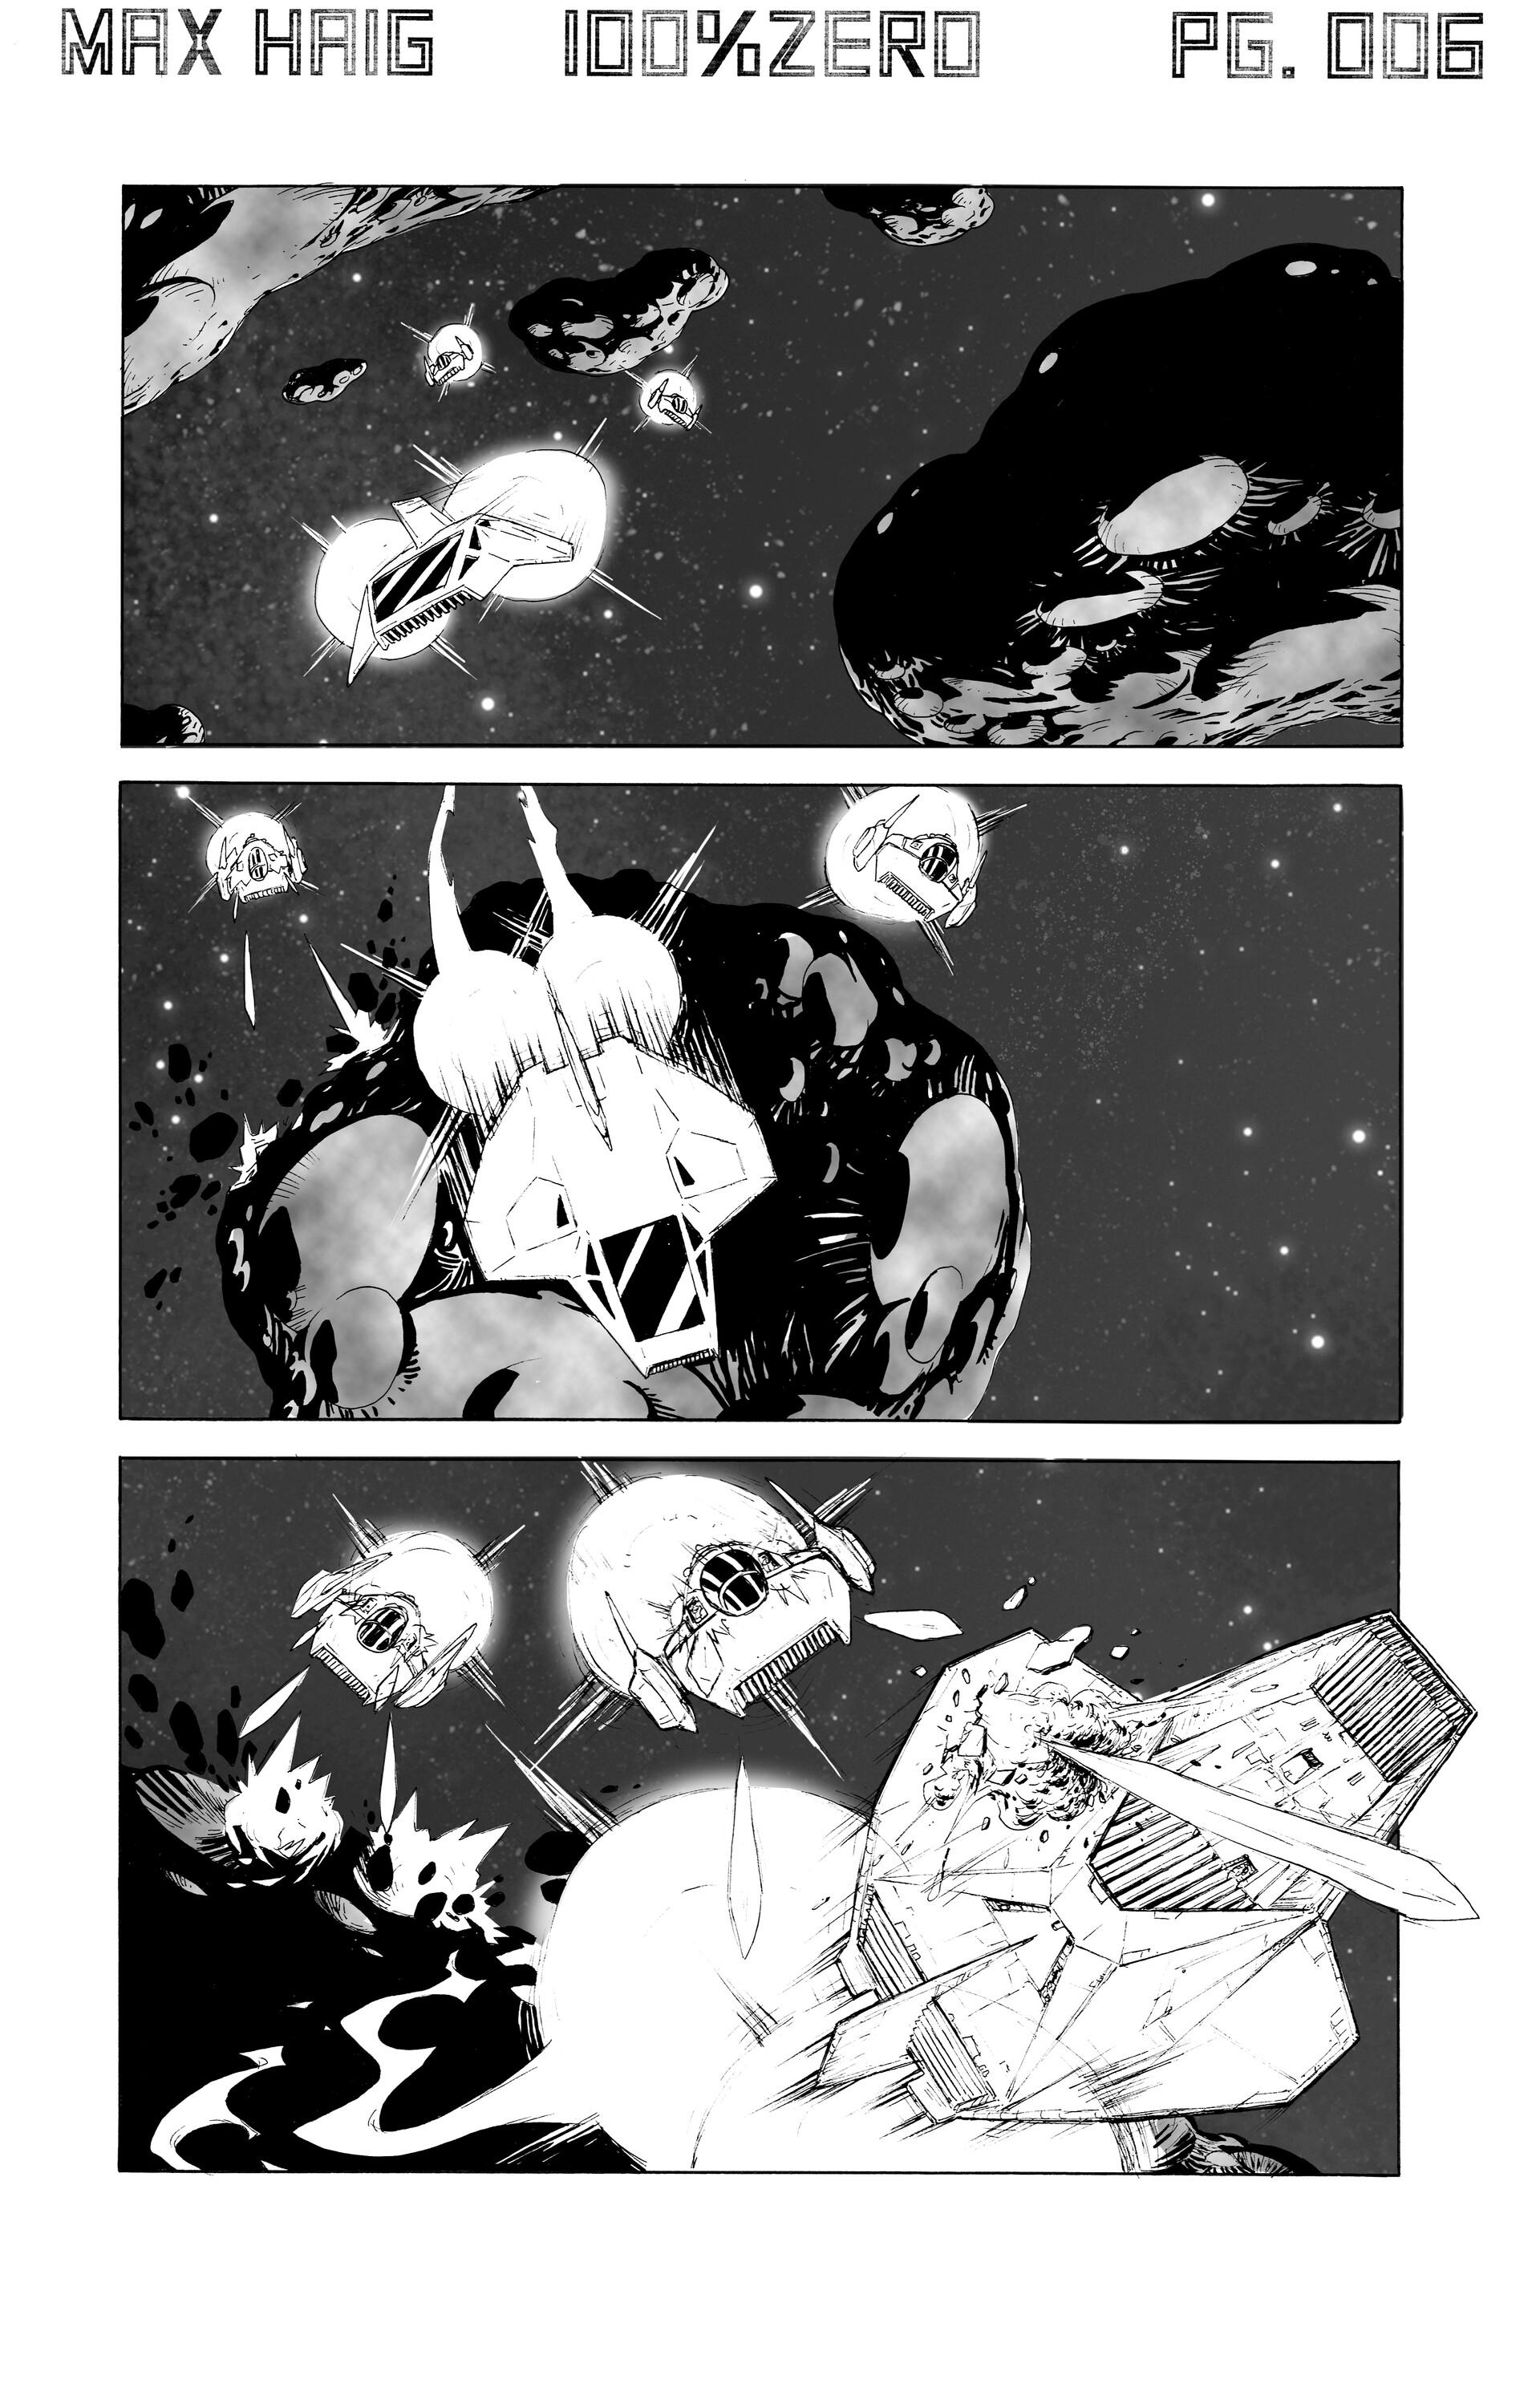 Max haig page 6 ink